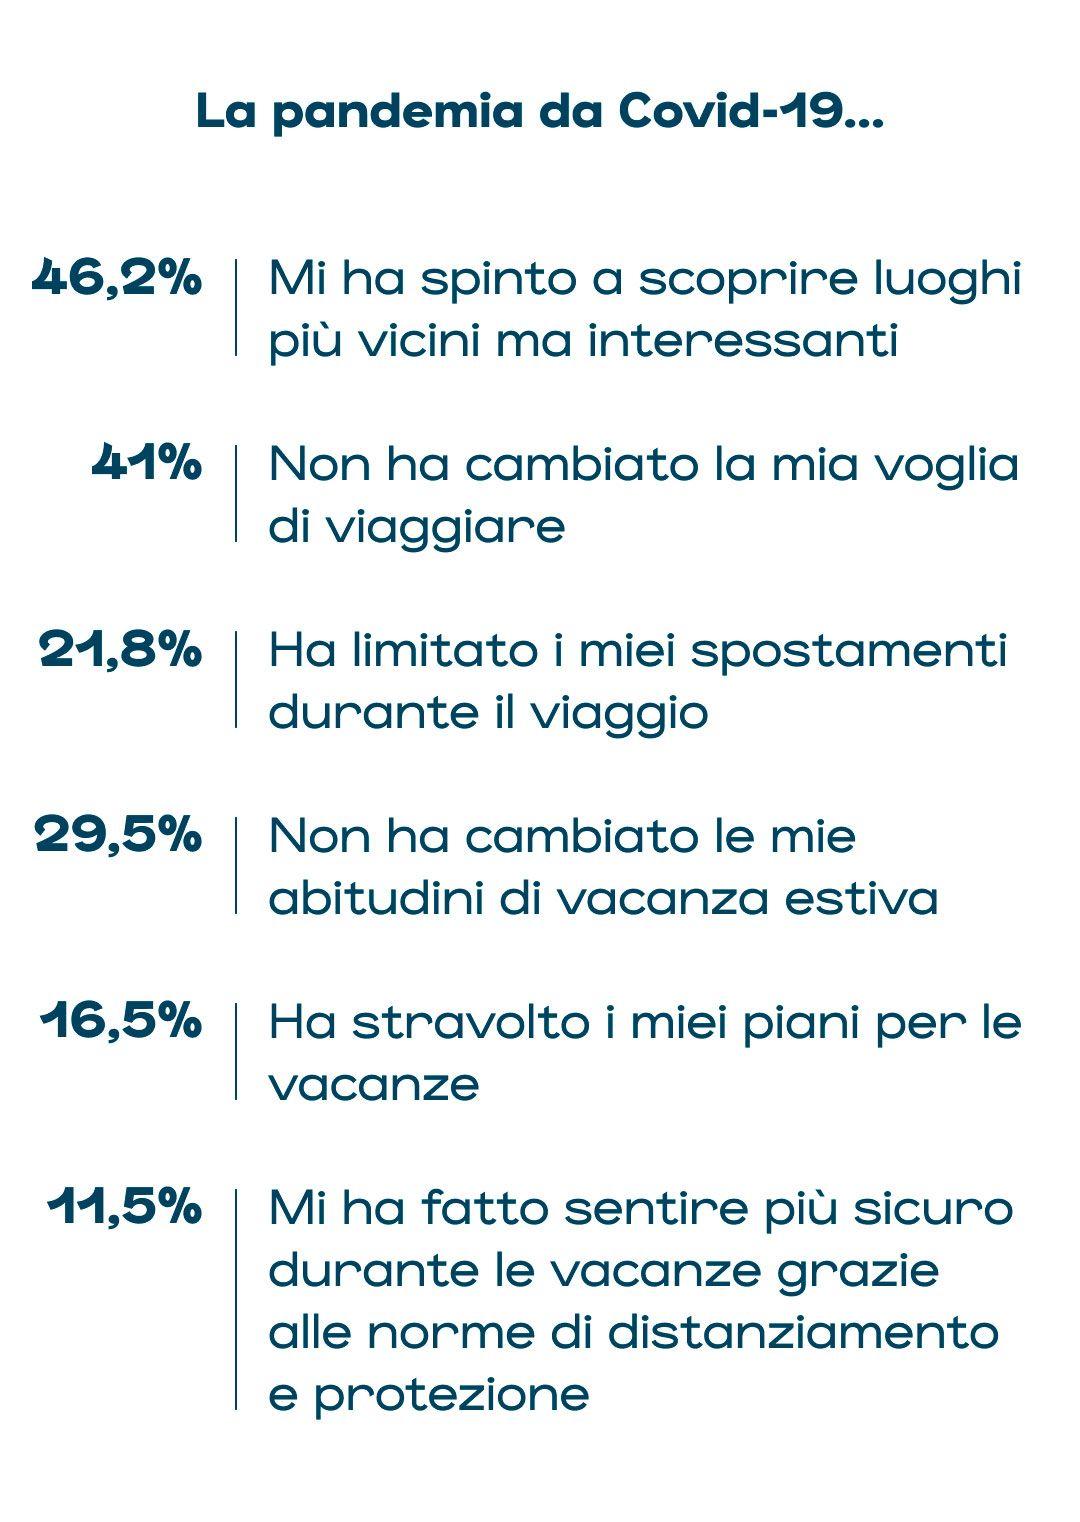 effetto del covid19 sulle scelte di viaggio degli italiani per queste vacanze estive